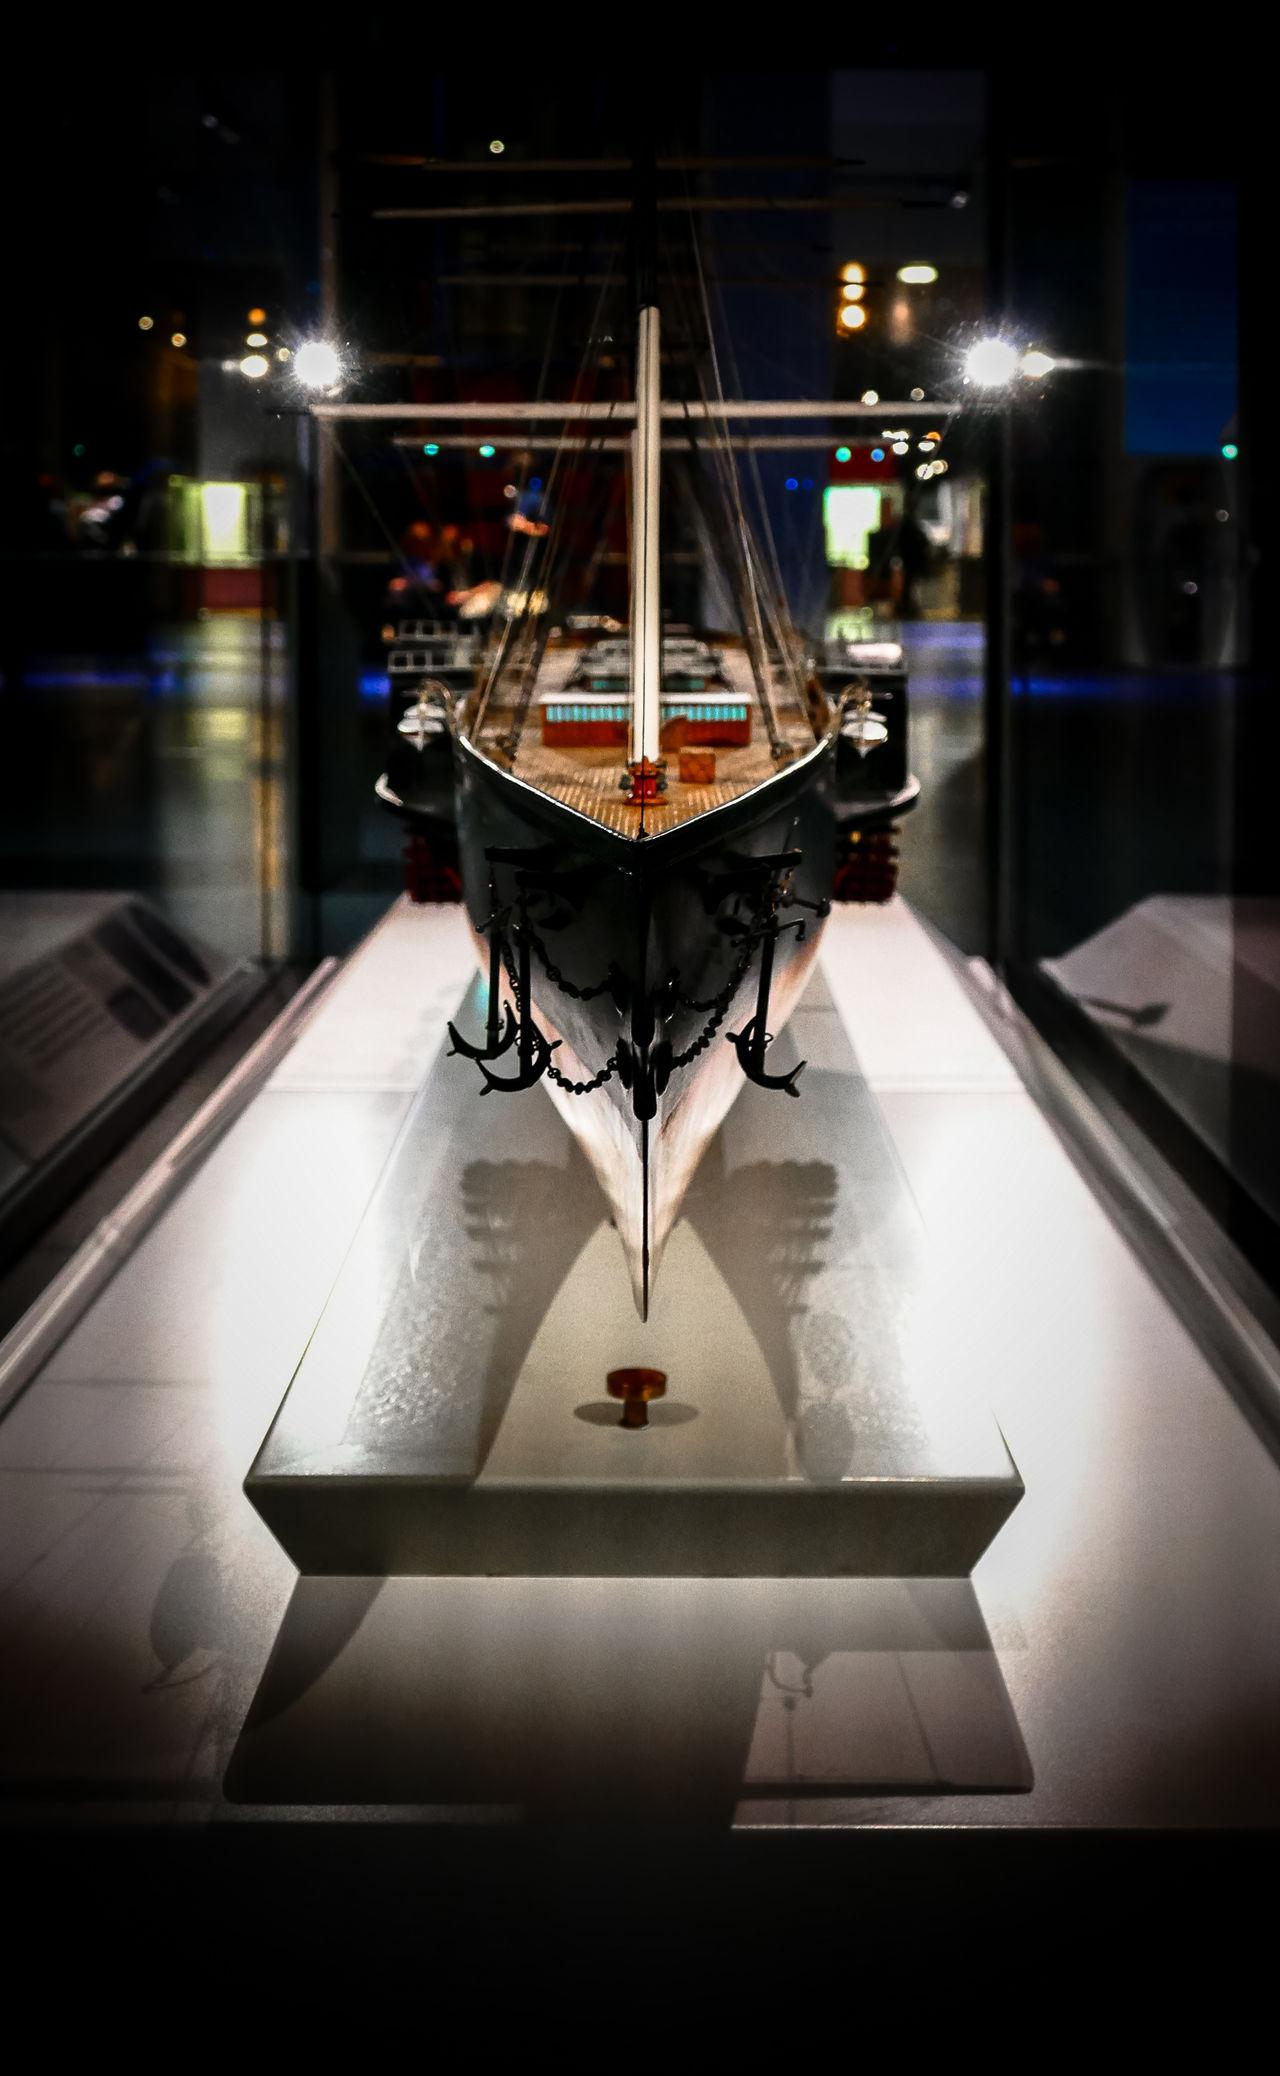 Modelboat ScienceMuseum Minature London